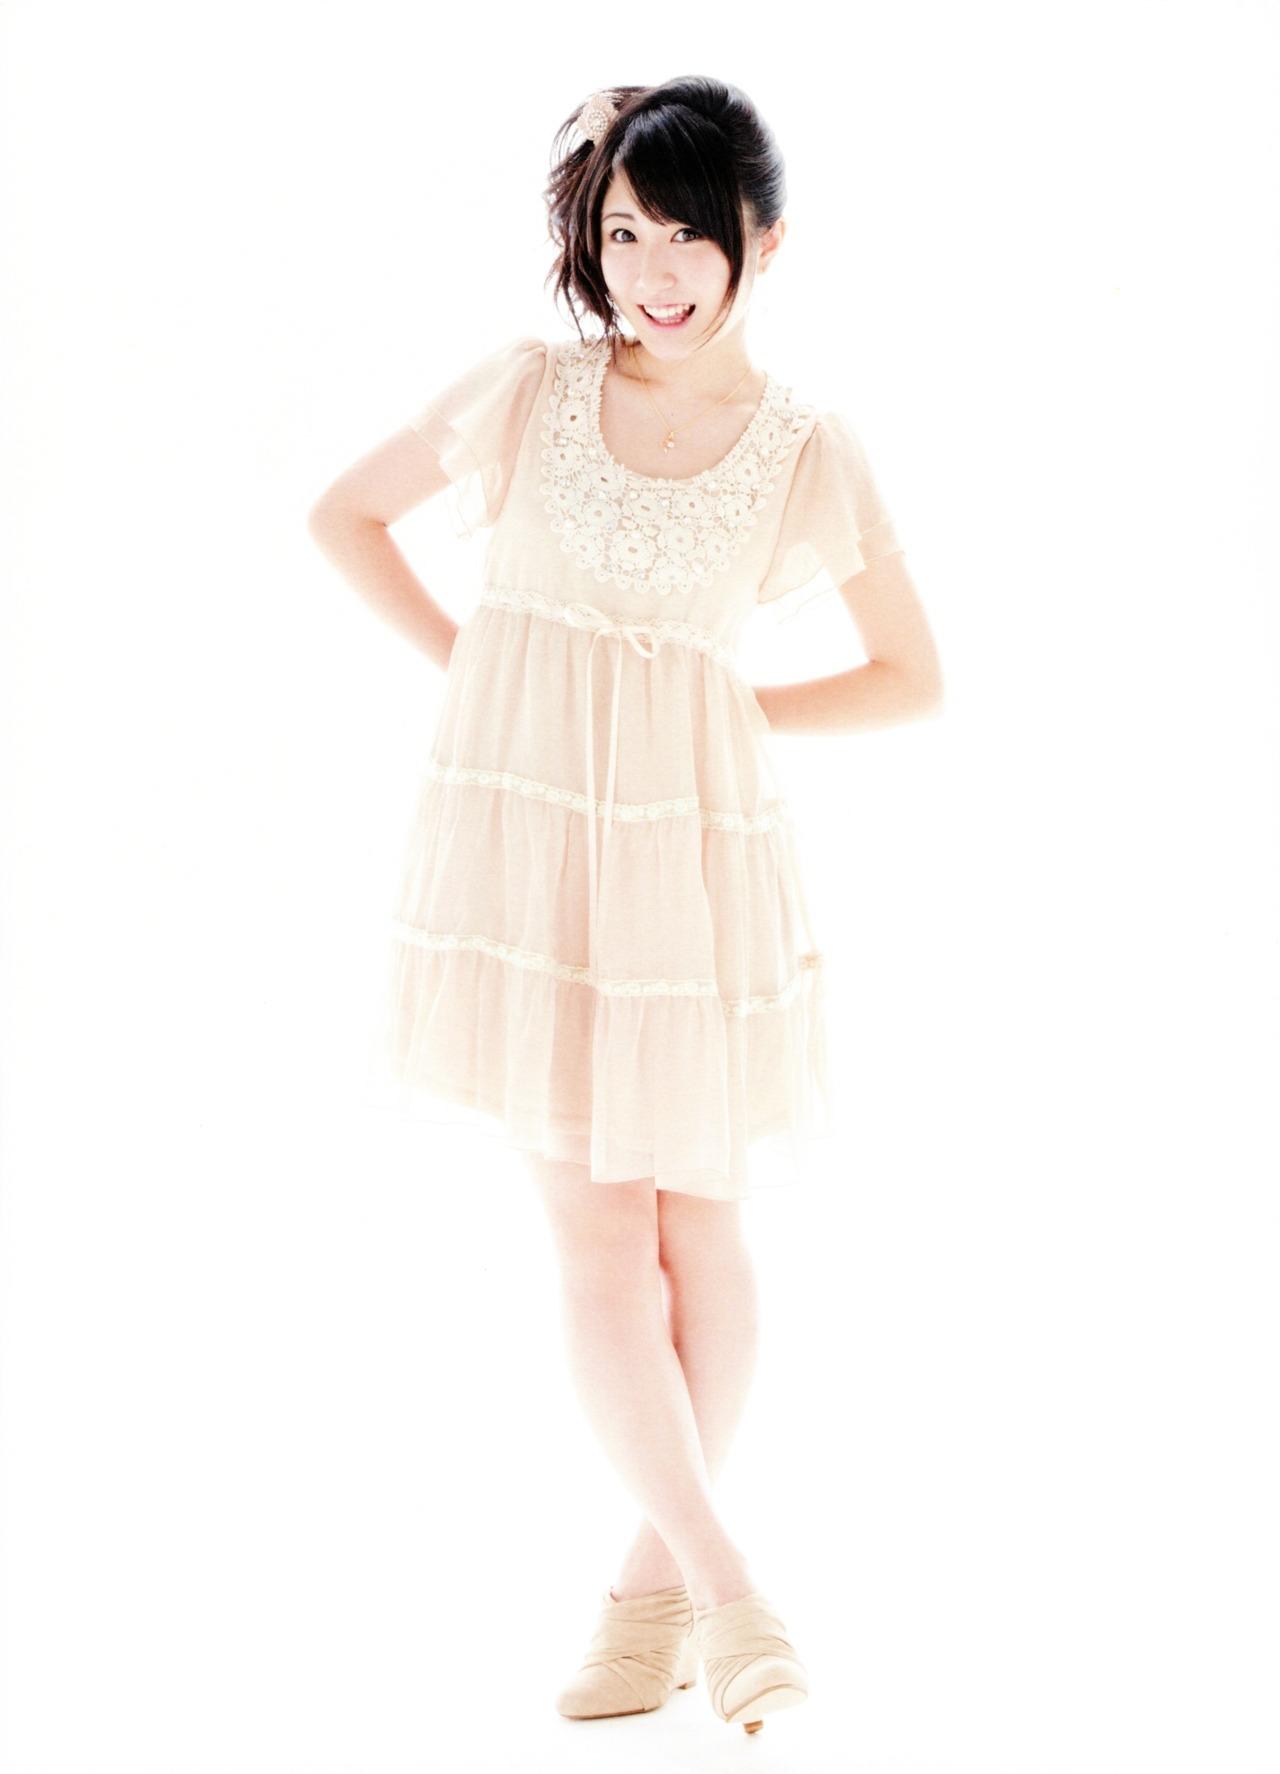 hidaka_rina012.jpg